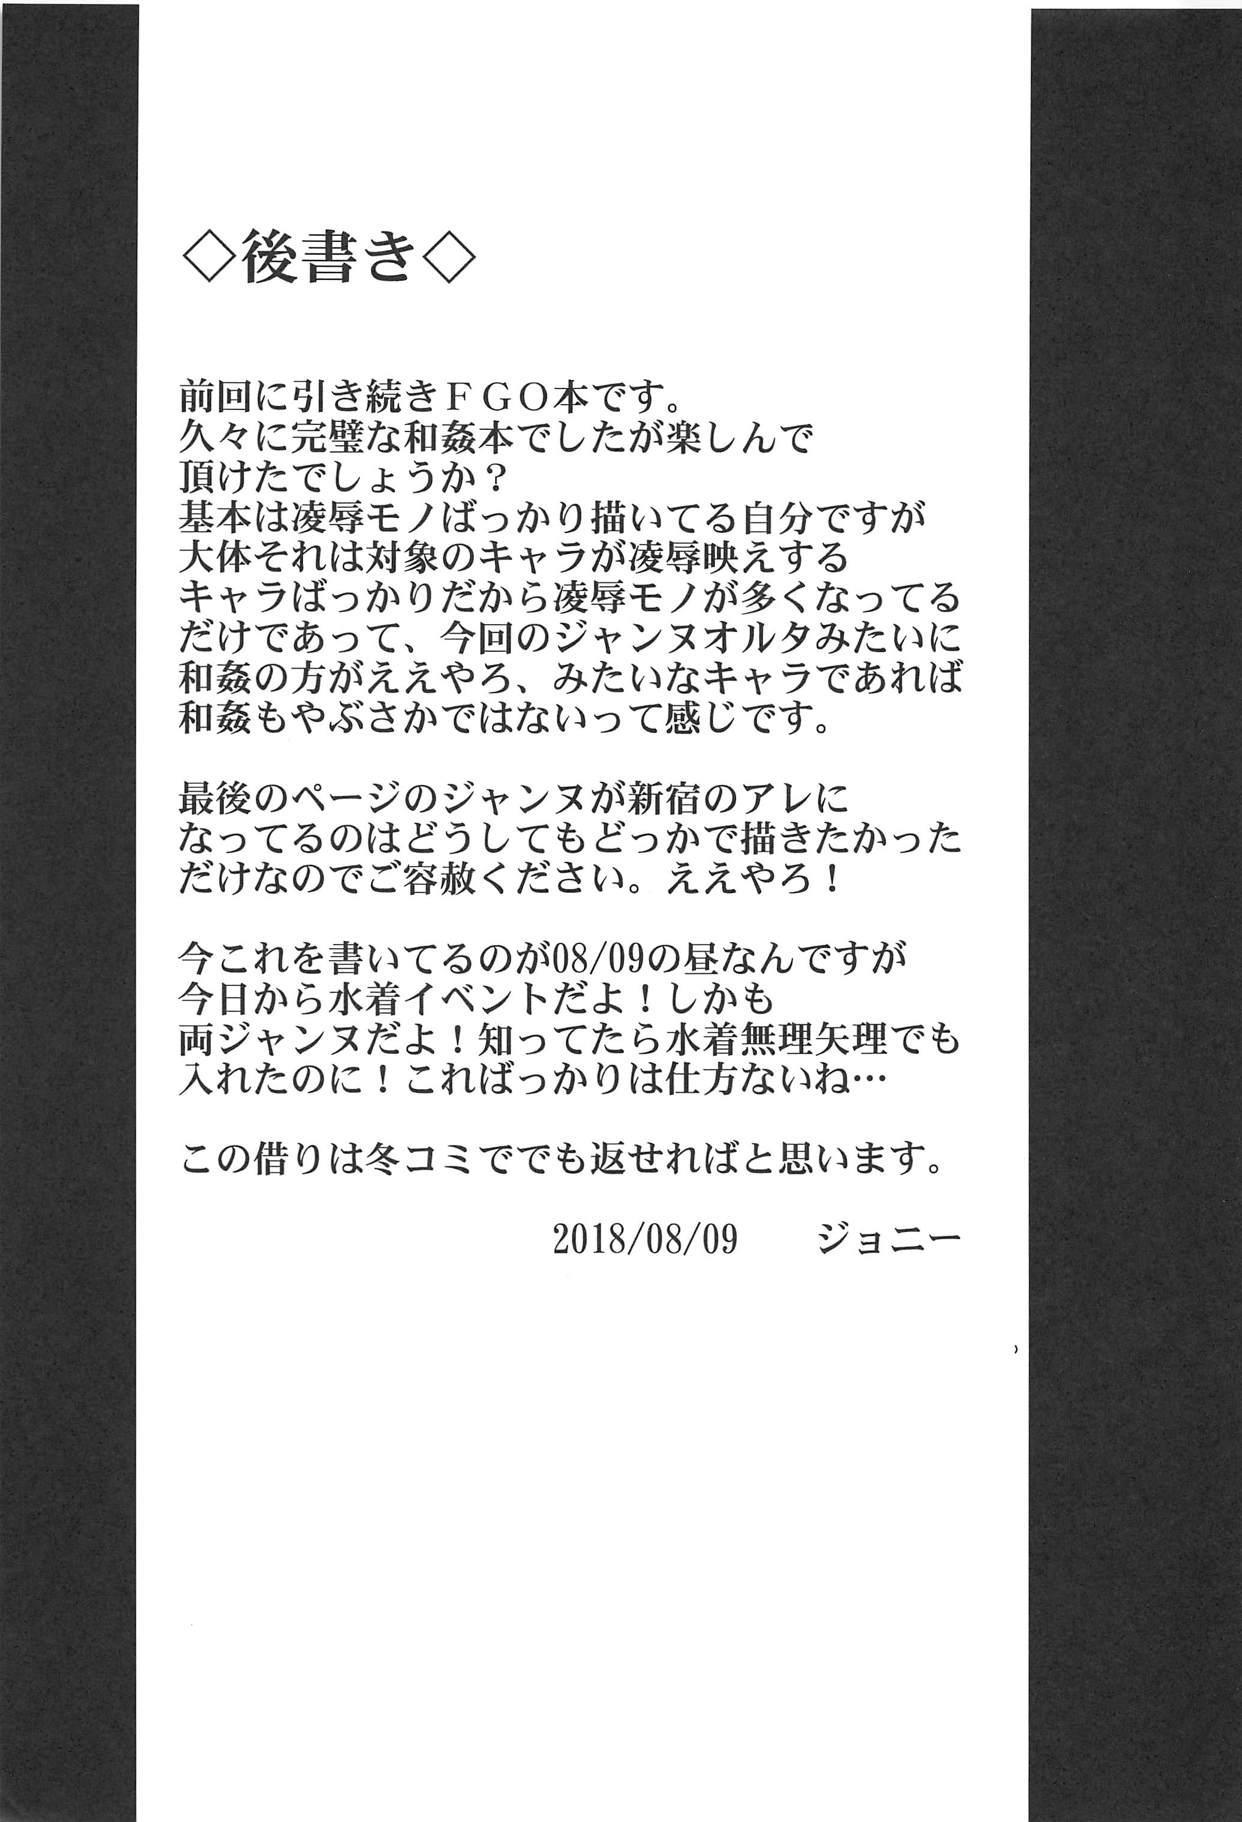 Sugao no Mama no Kimi de Ite 21